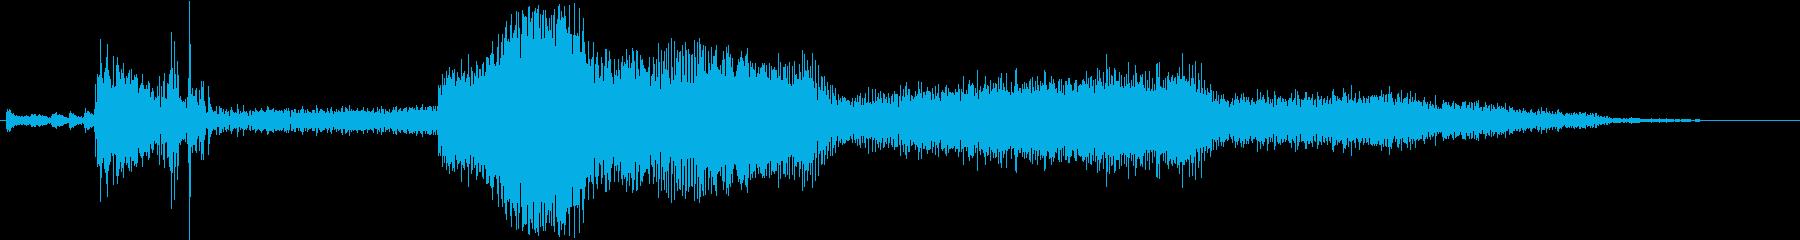 シボレーカマロ:Ext:スタート、...の再生済みの波形